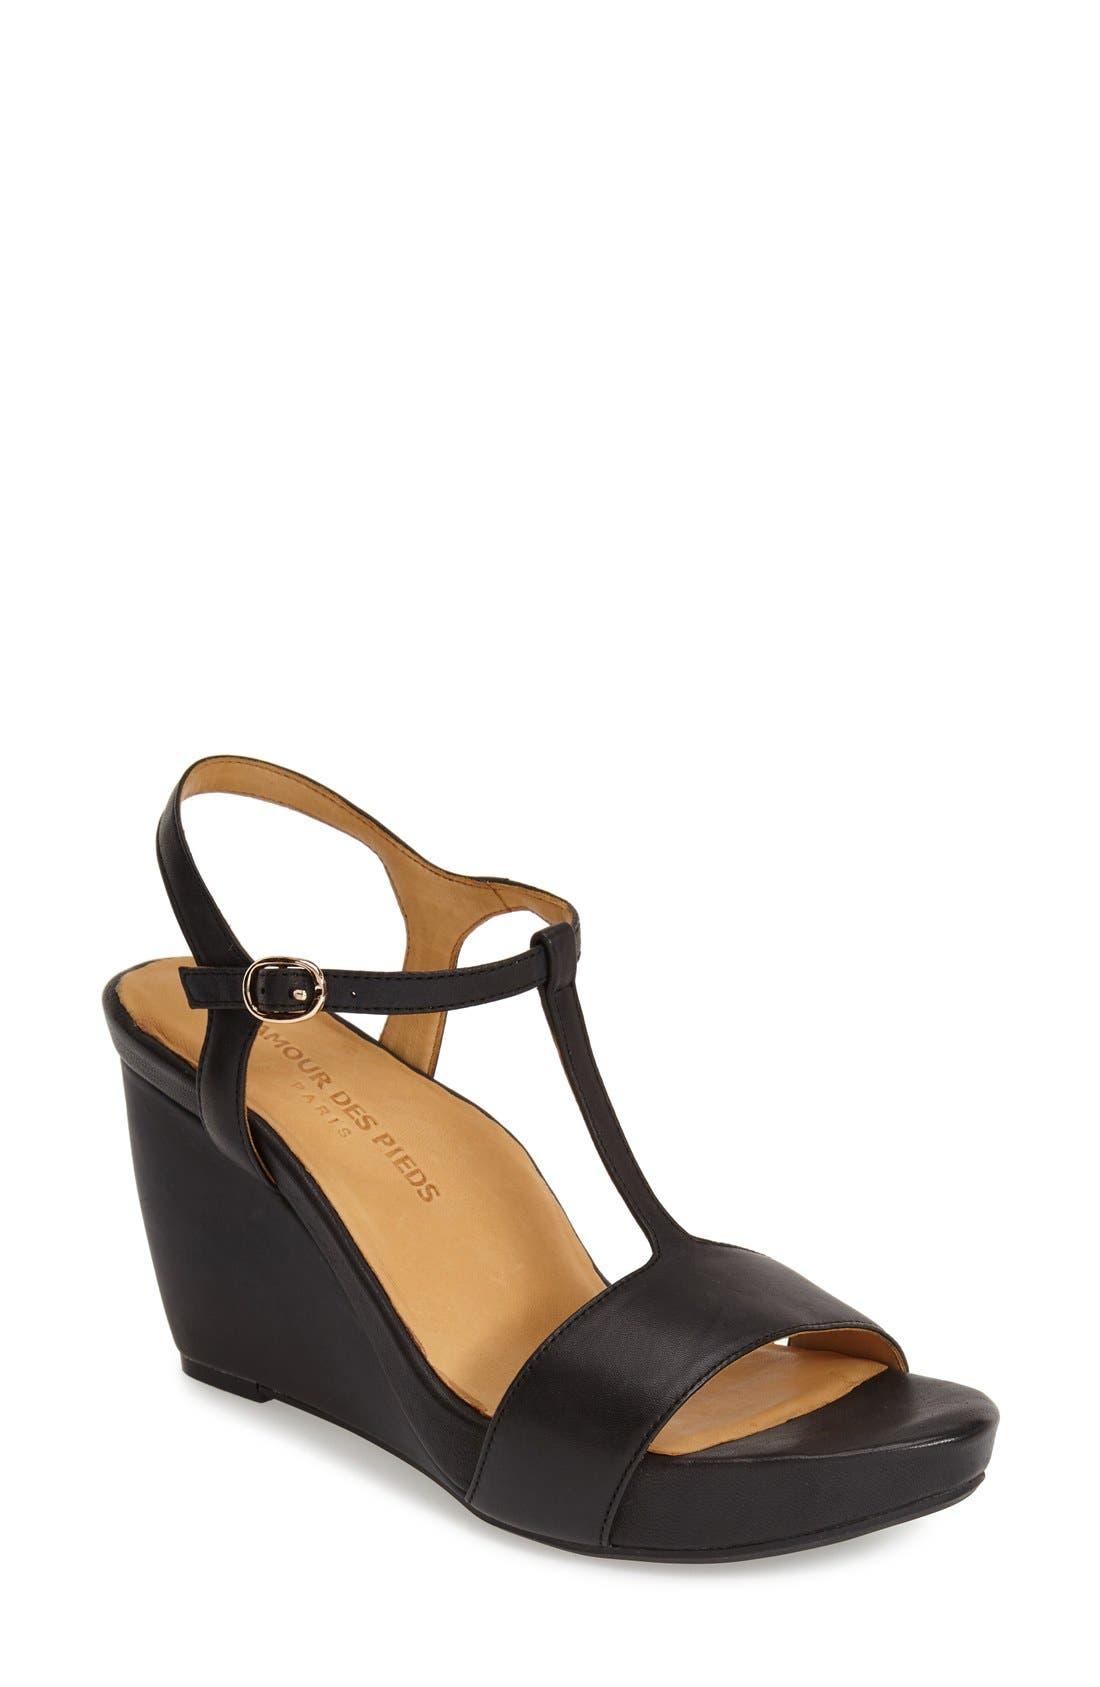 'Idelle' Platform Wedge Sandal